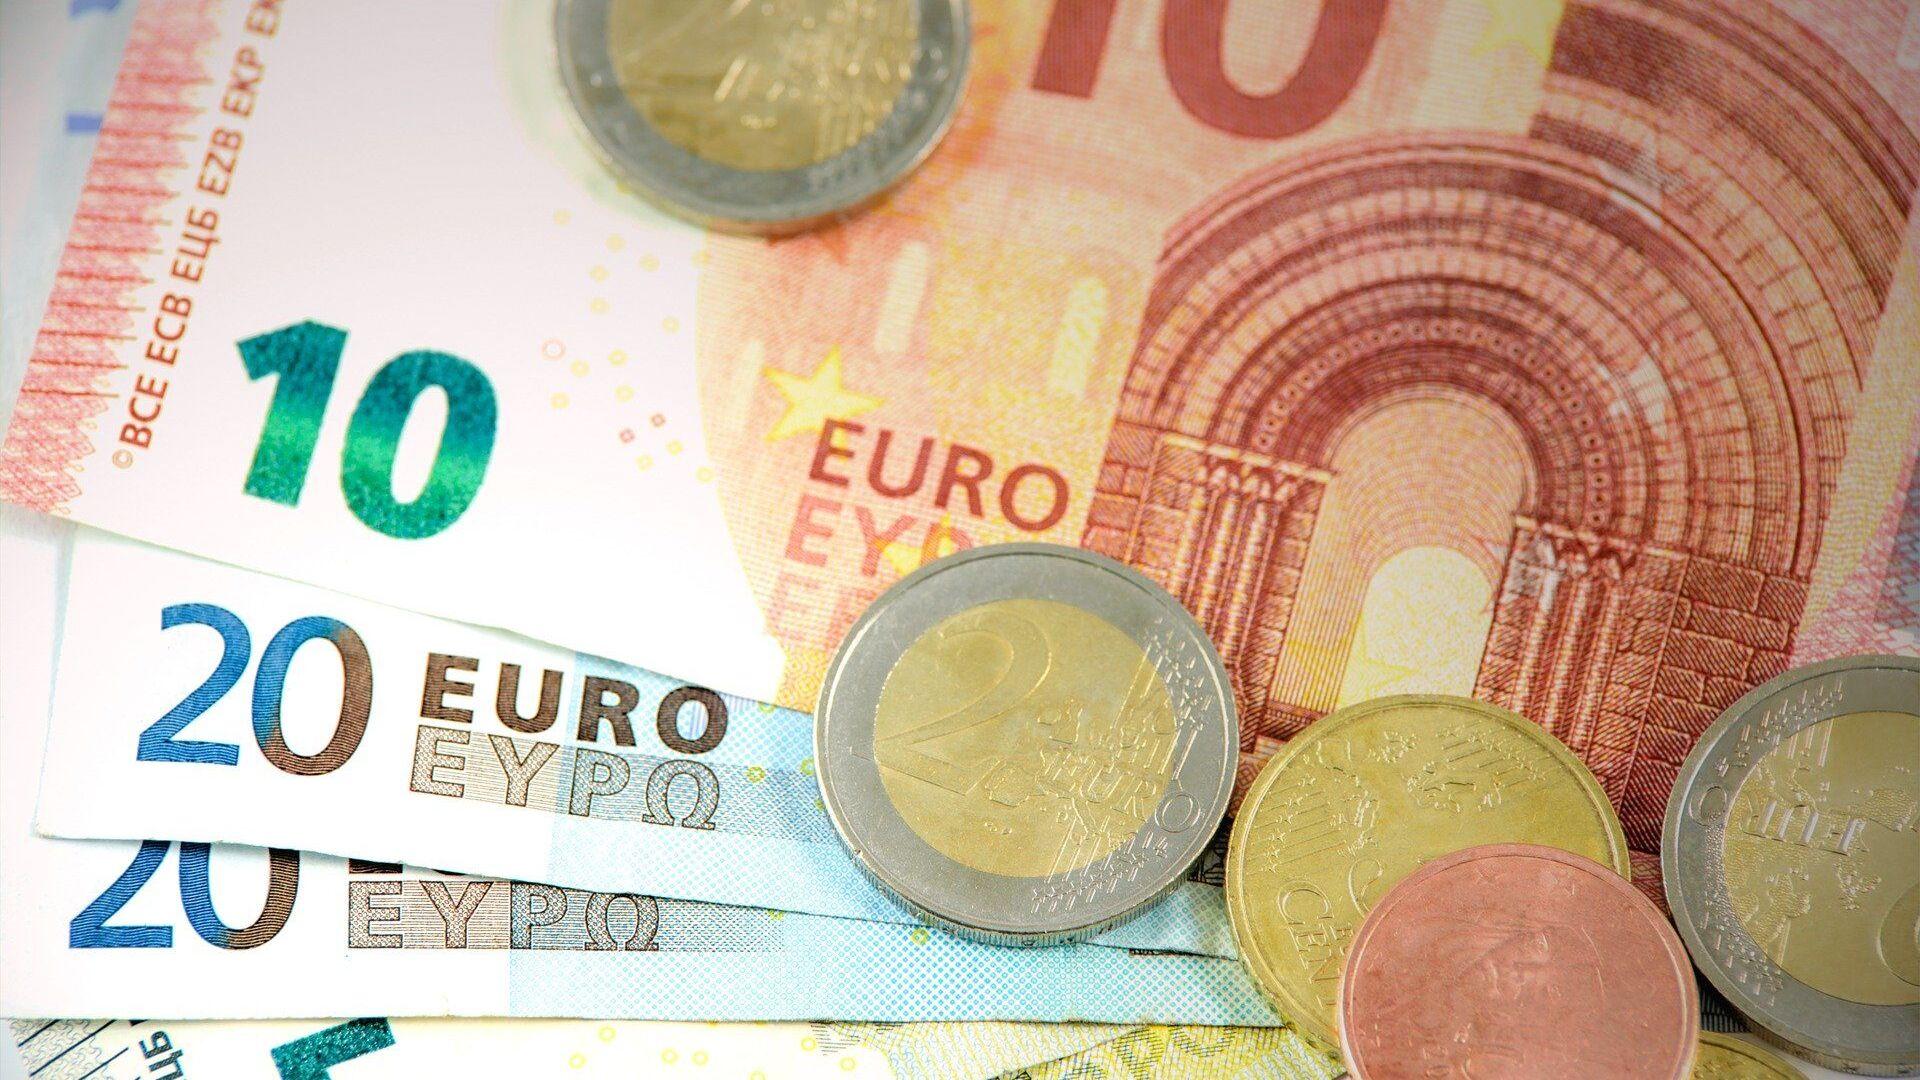 Billetes y monedas de euro (imagen referencial) - Sputnik Mundo, 1920, 04.03.2021